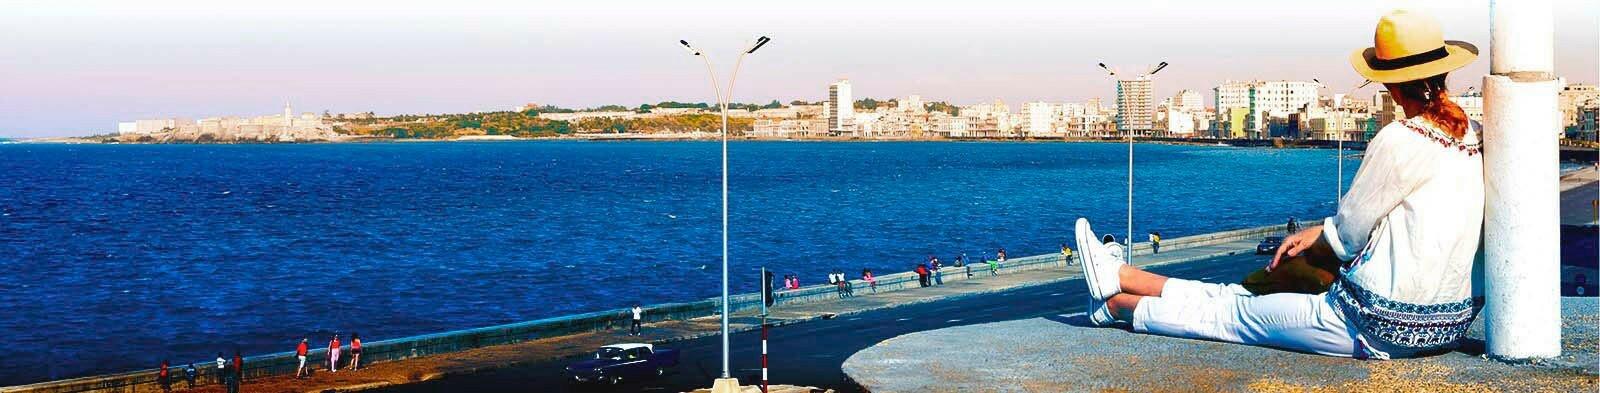 Malecón with Woman, Havana / Cuba